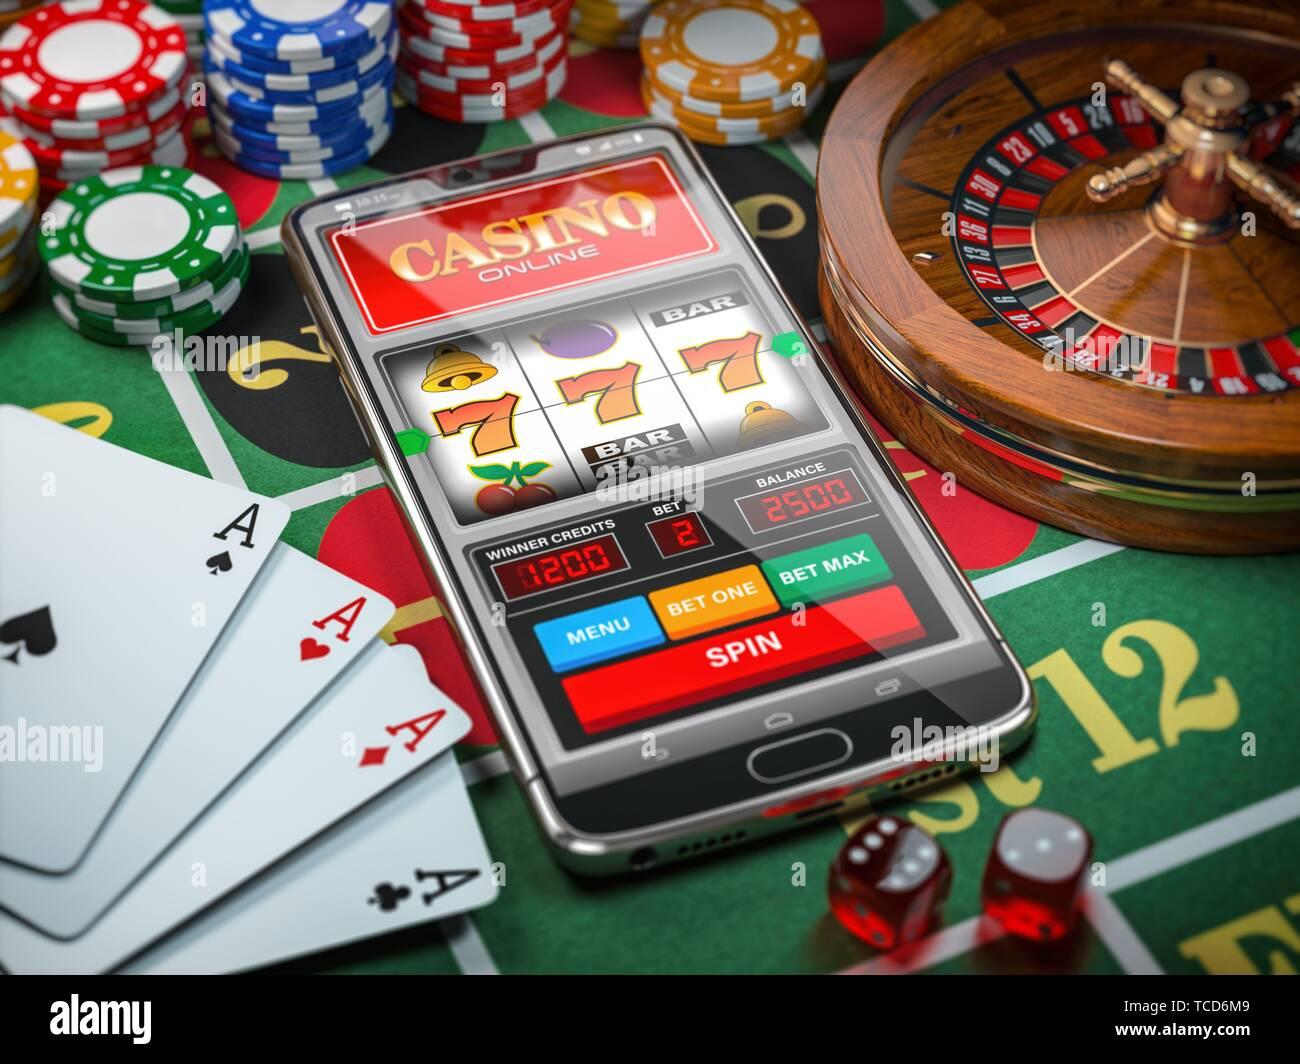 Онлайн казино для телефона реально ли зарабатывать в i казино